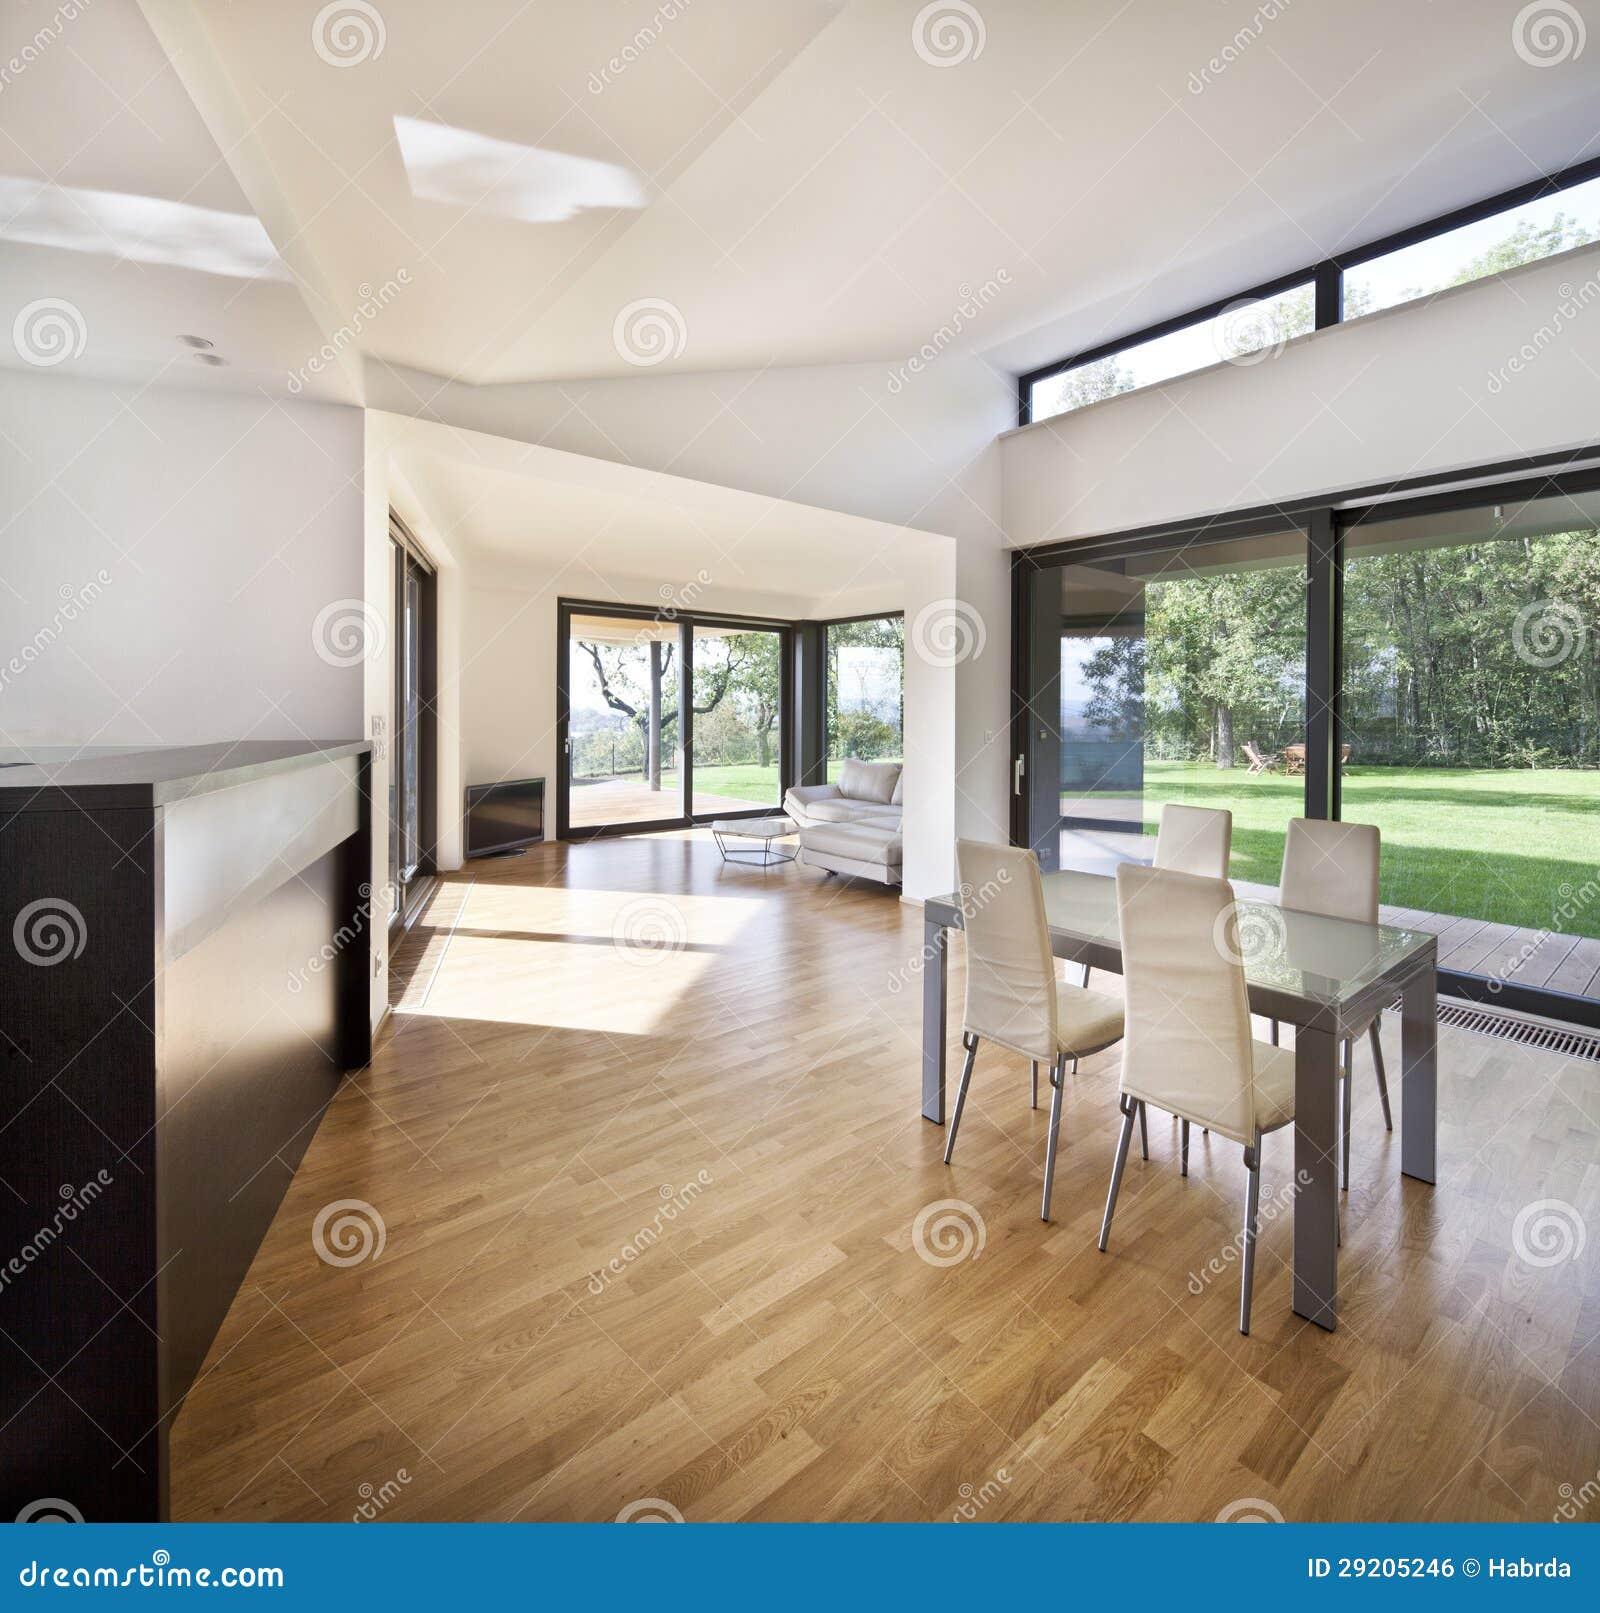 L 39 Espace Ouvert De Cuisine L 39 Int Rieur Neuf De La Maison